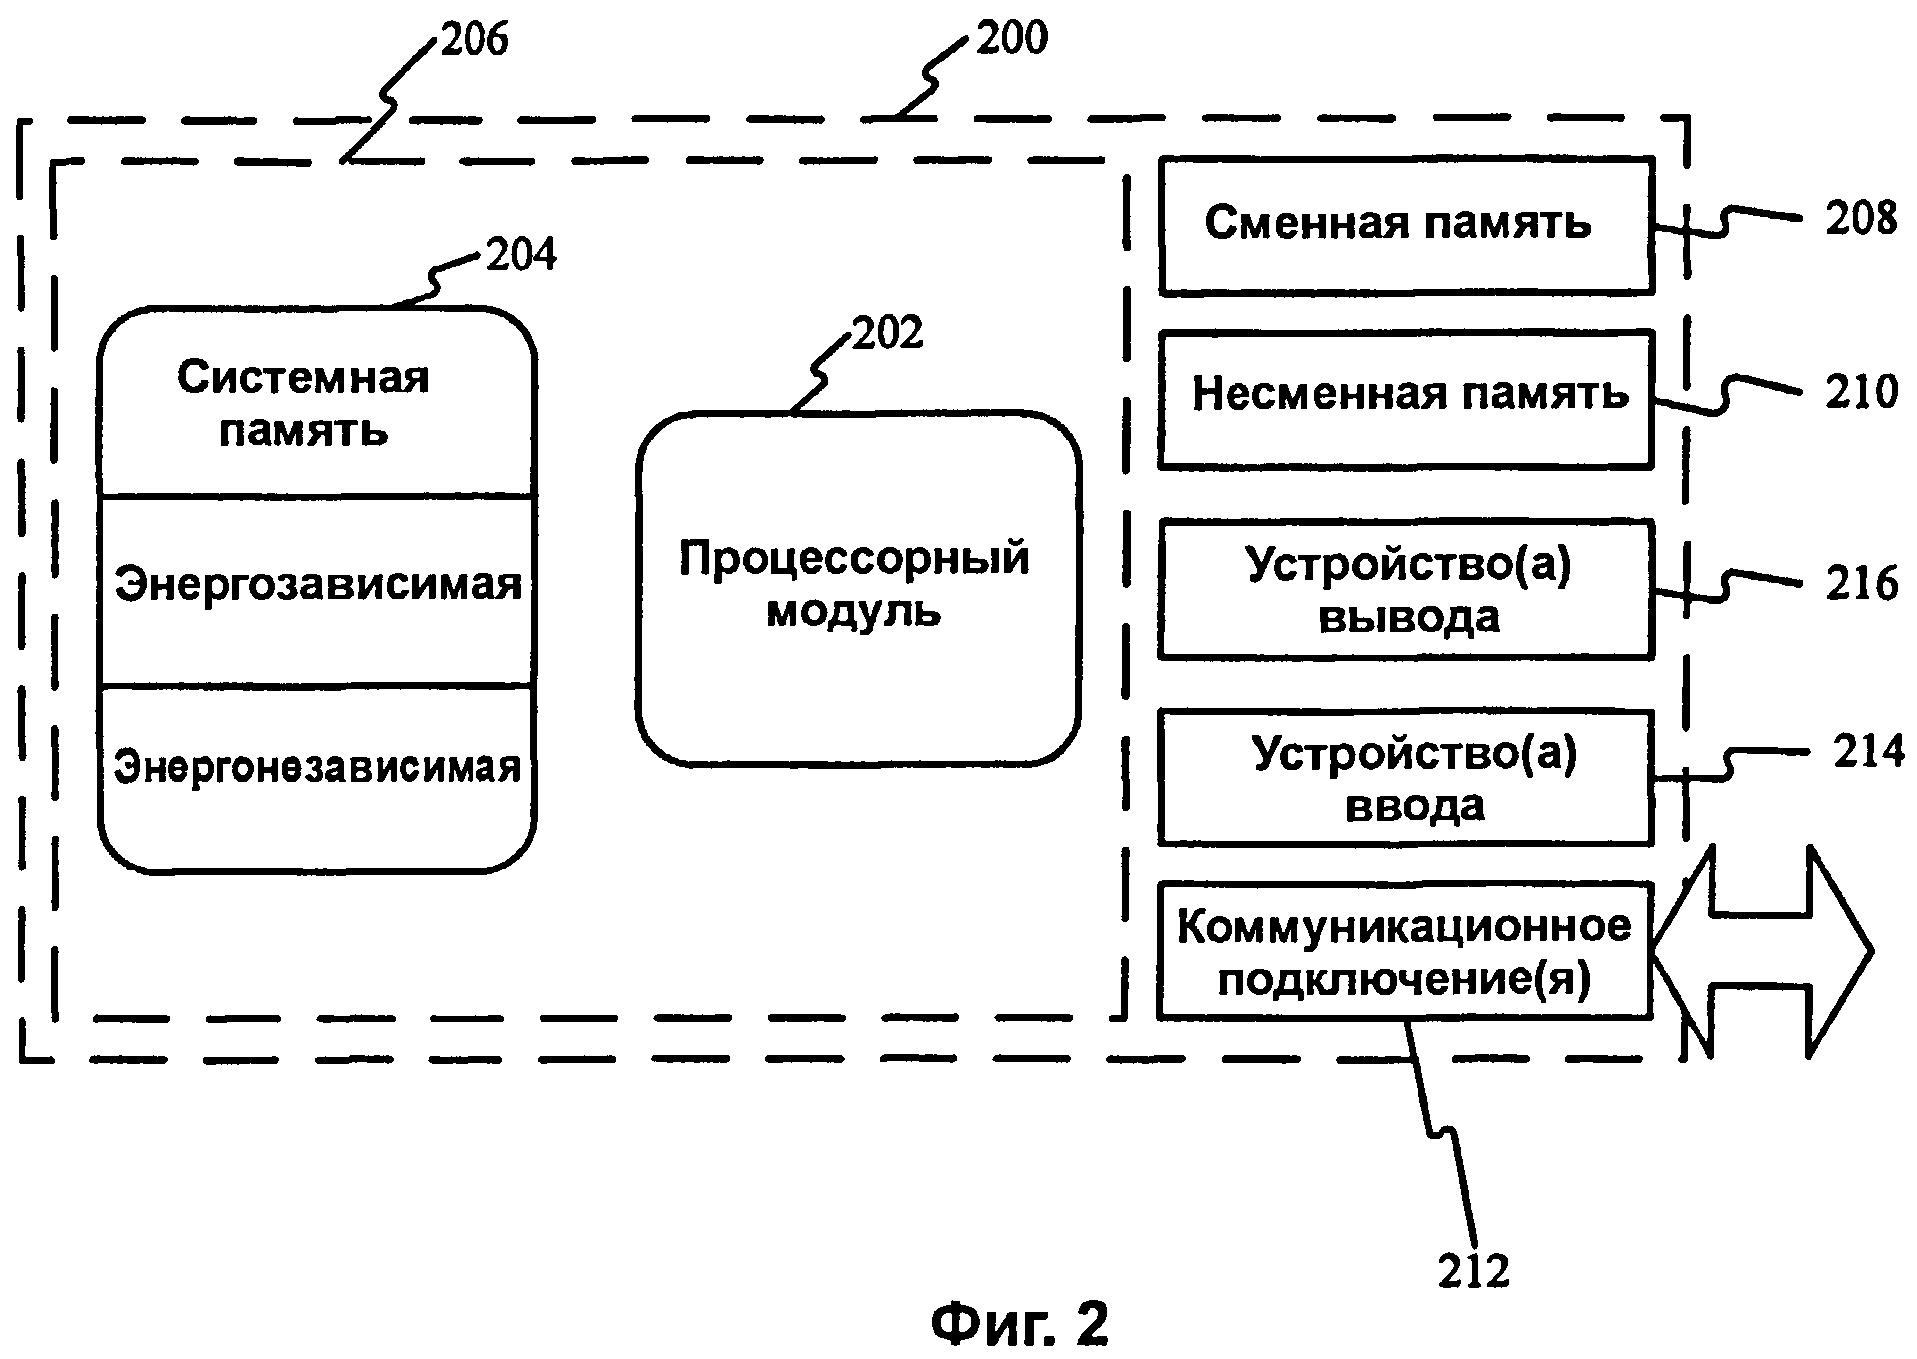 Поддержка графических представлений, основанная на пользовательских настройках